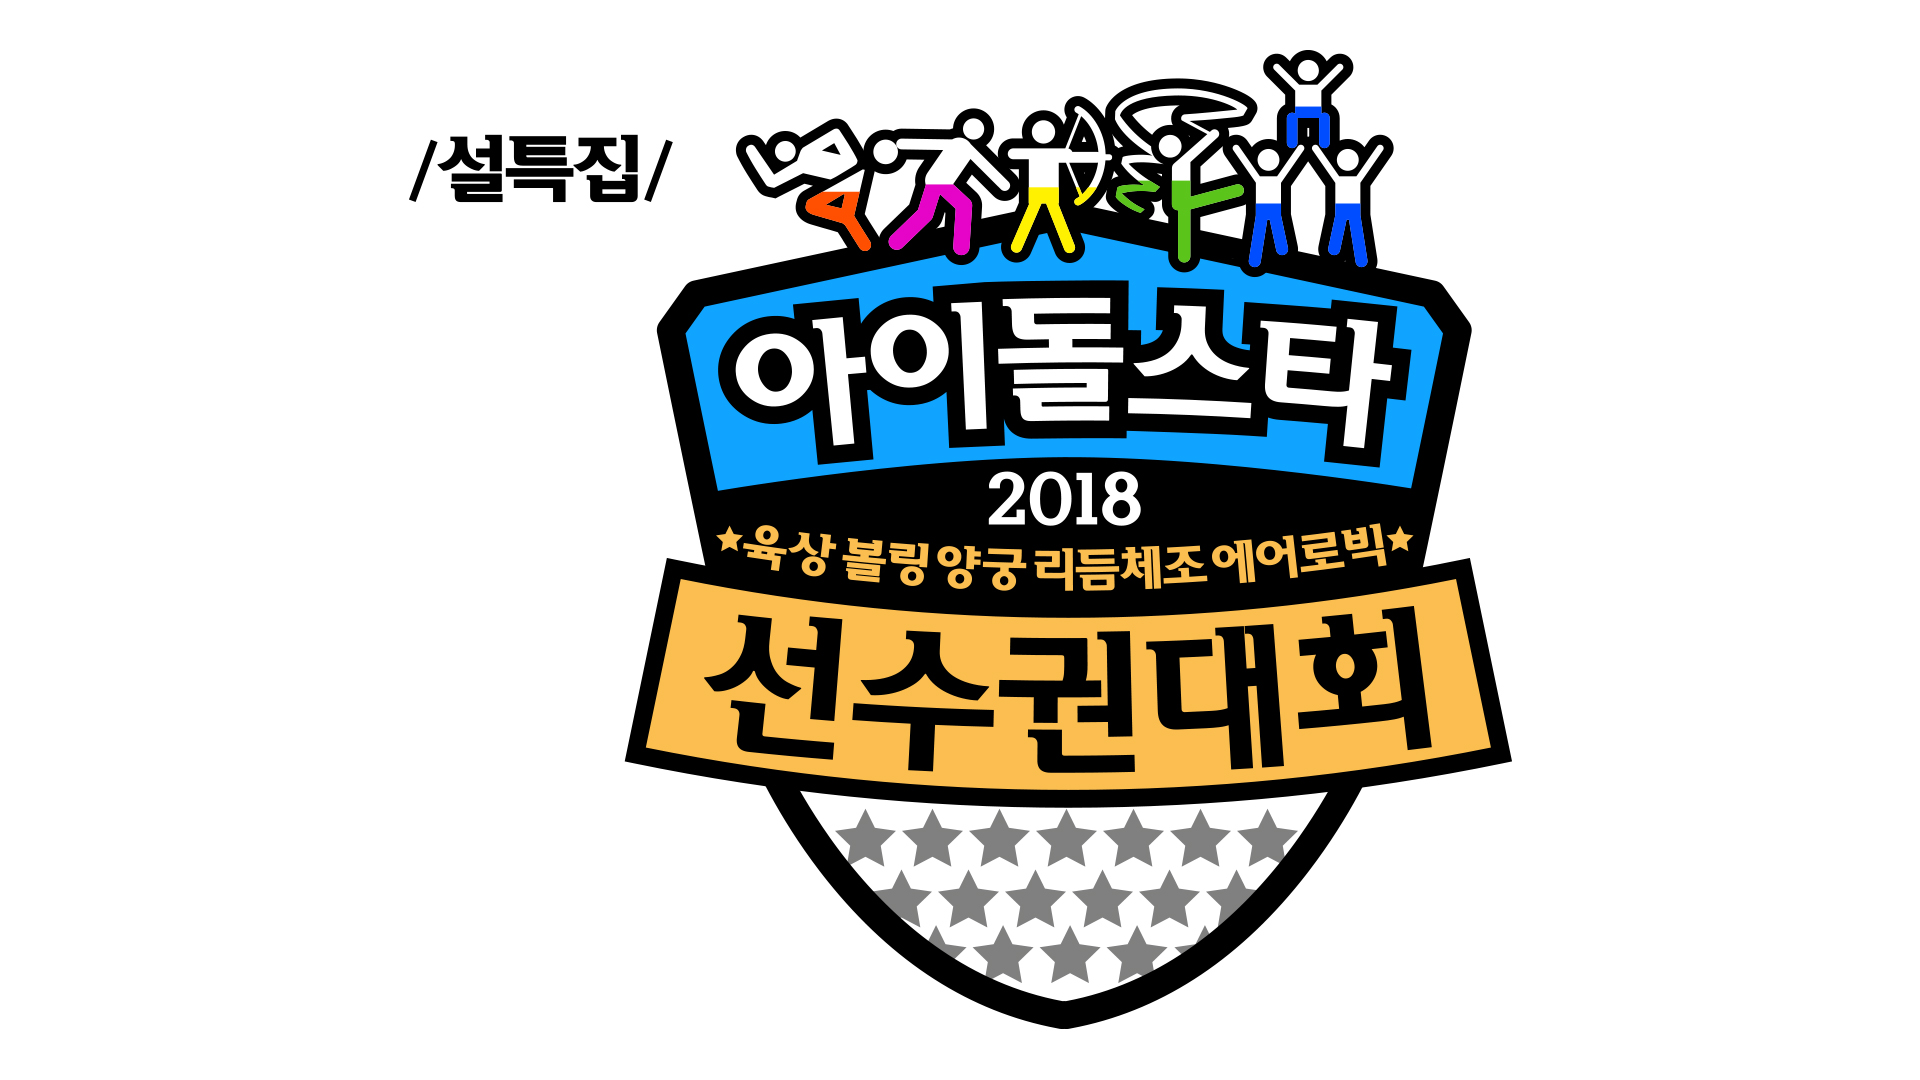 <설특집 2018 아육대> 리듬체조·에어로빅·양궁 최종 라인업 확정! '대세 총출동'